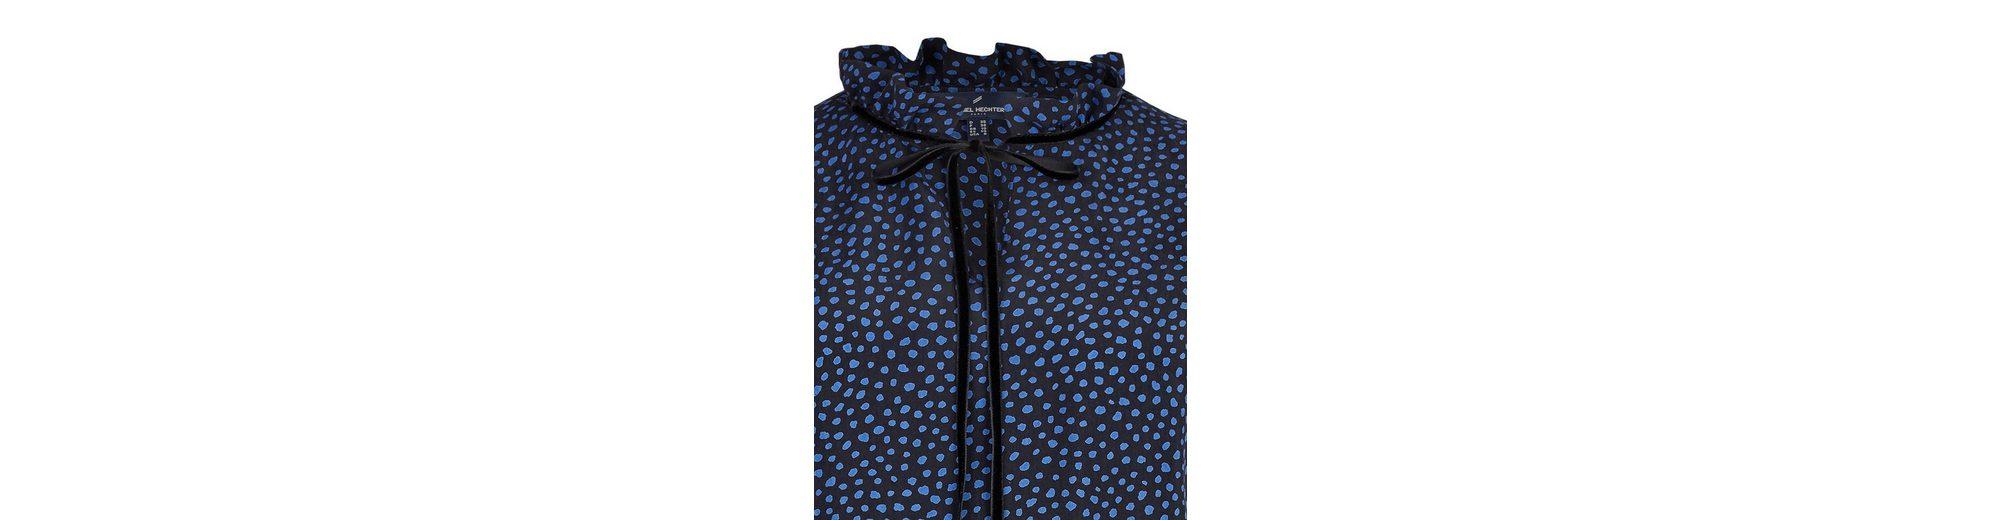 Daniel Hechter Kleid mit Stehkragen und Punkten Spielraum Bester Ort 2018 Billig Verkaufen Billig Verkaufen Gefälschte qZswrHoJ